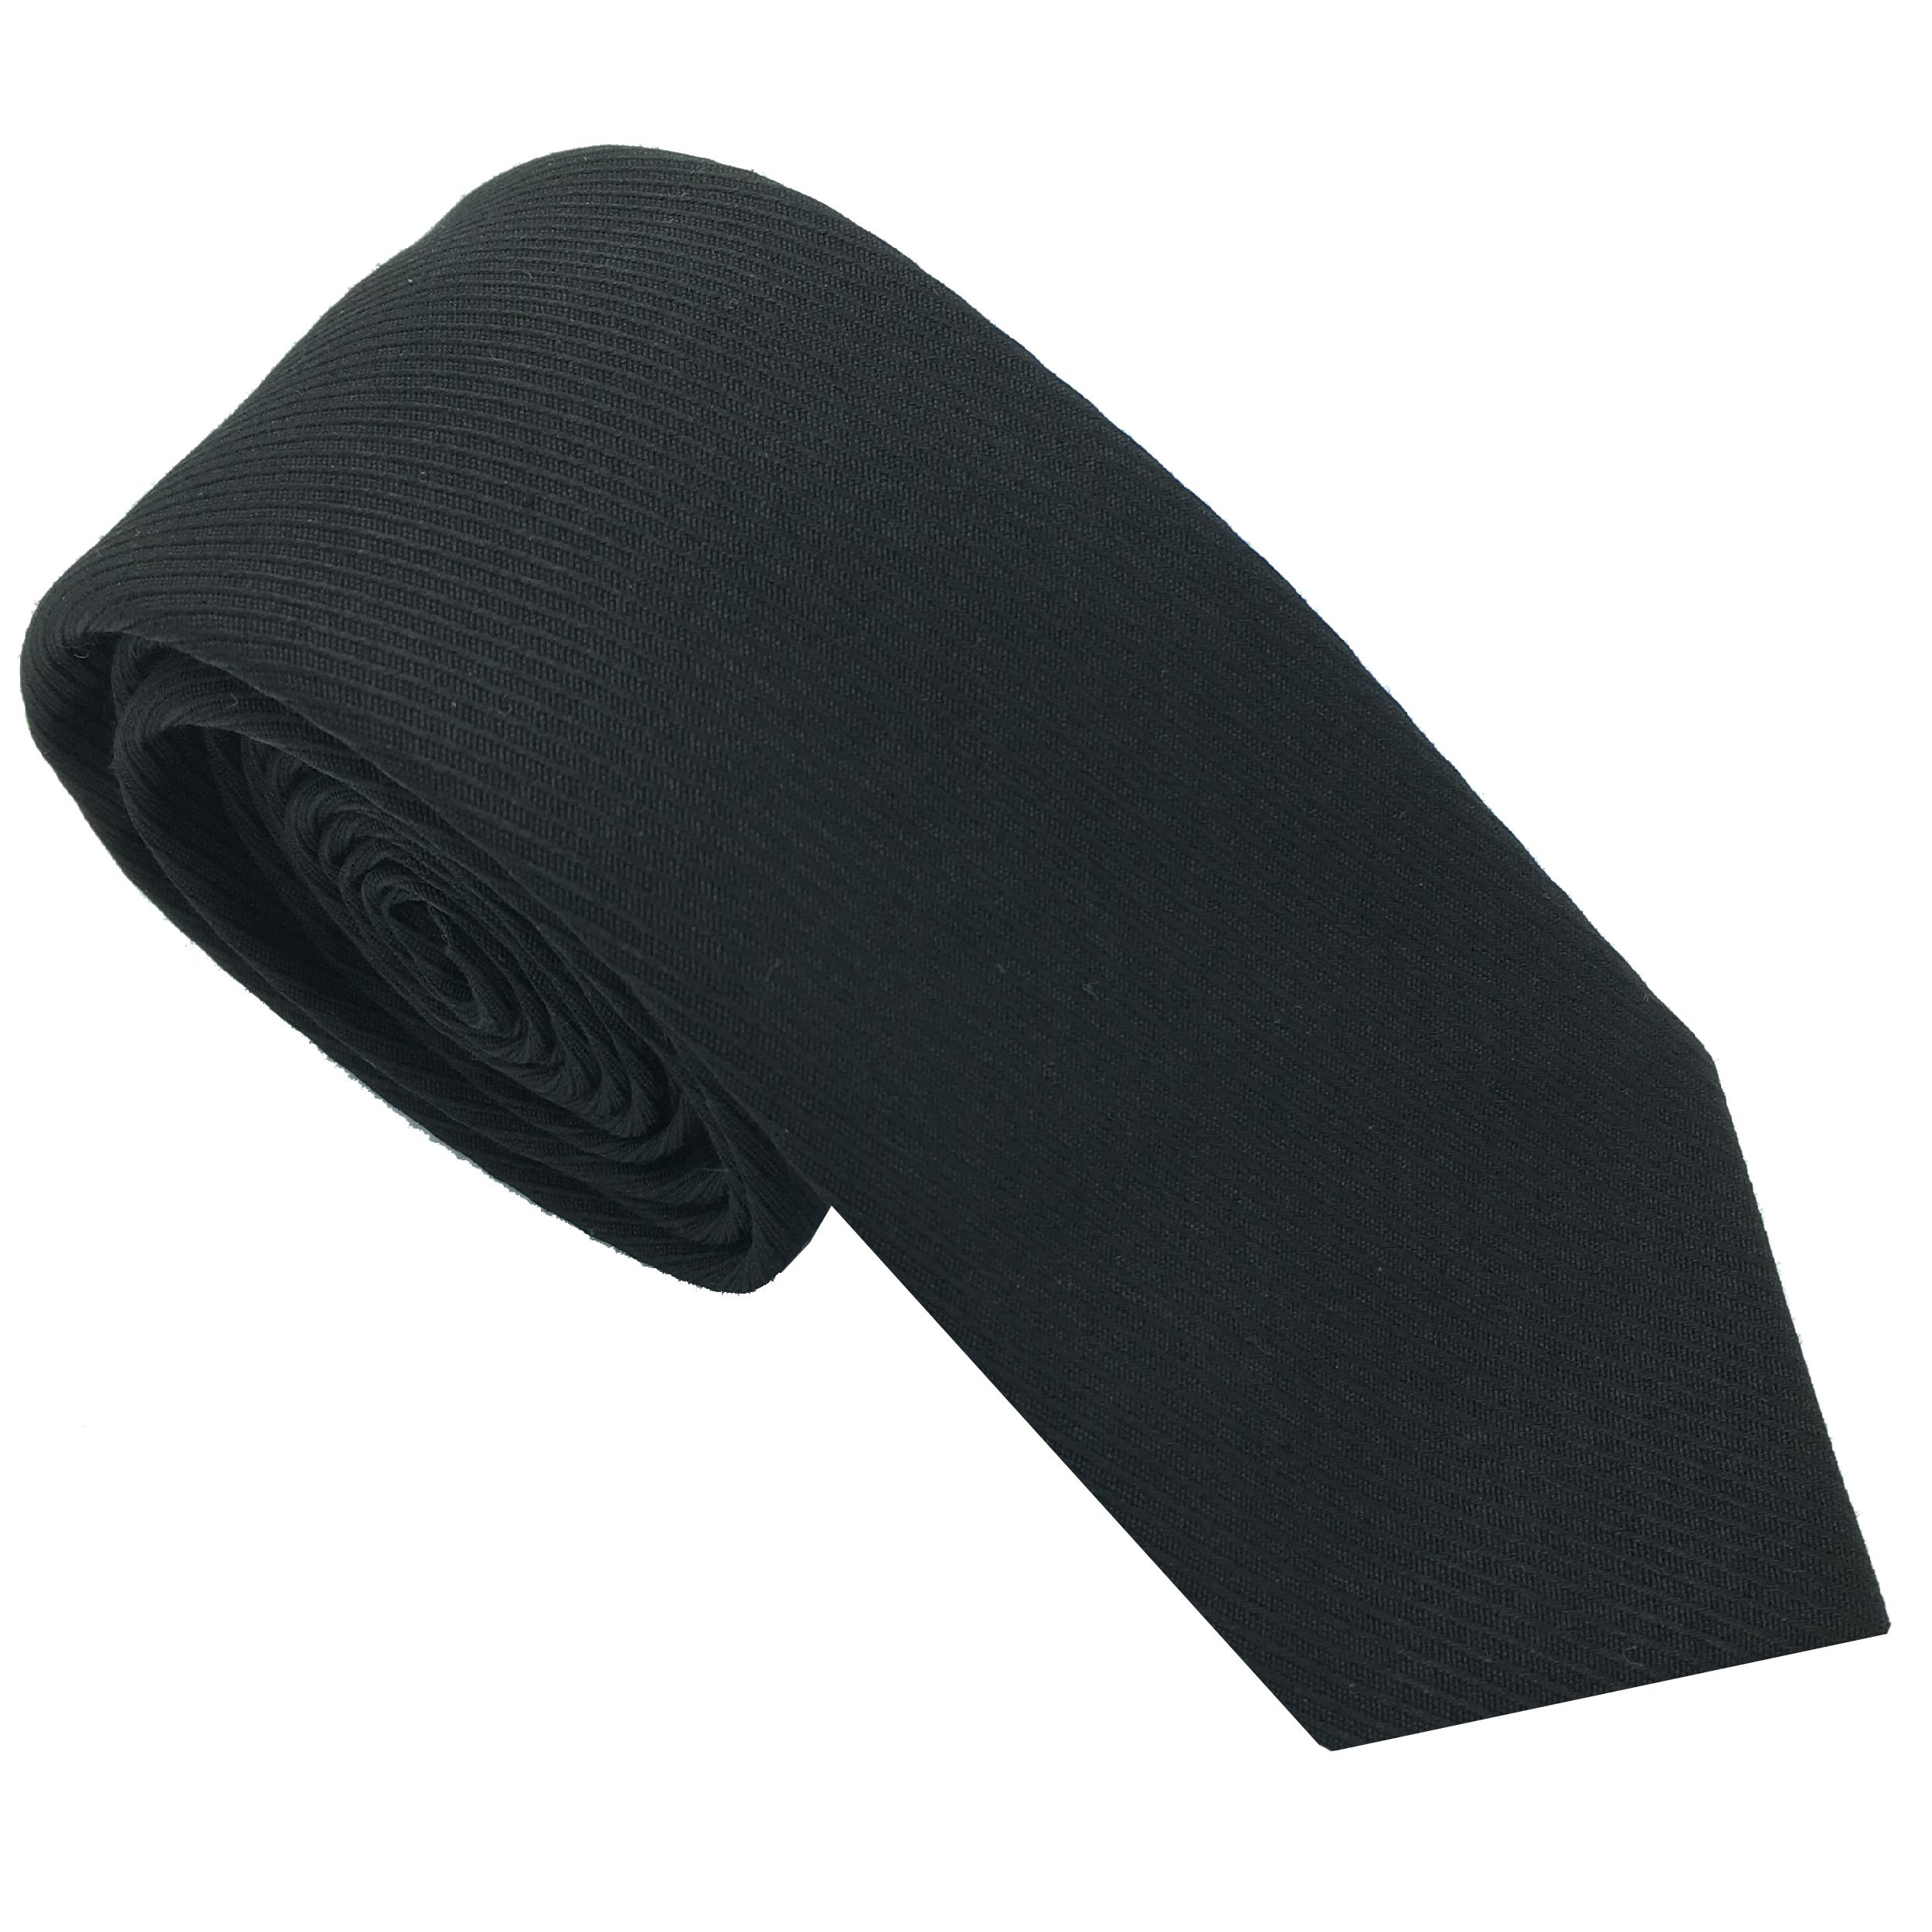 کراوات مردانه هکس ایران مدل KT-BLK KJR